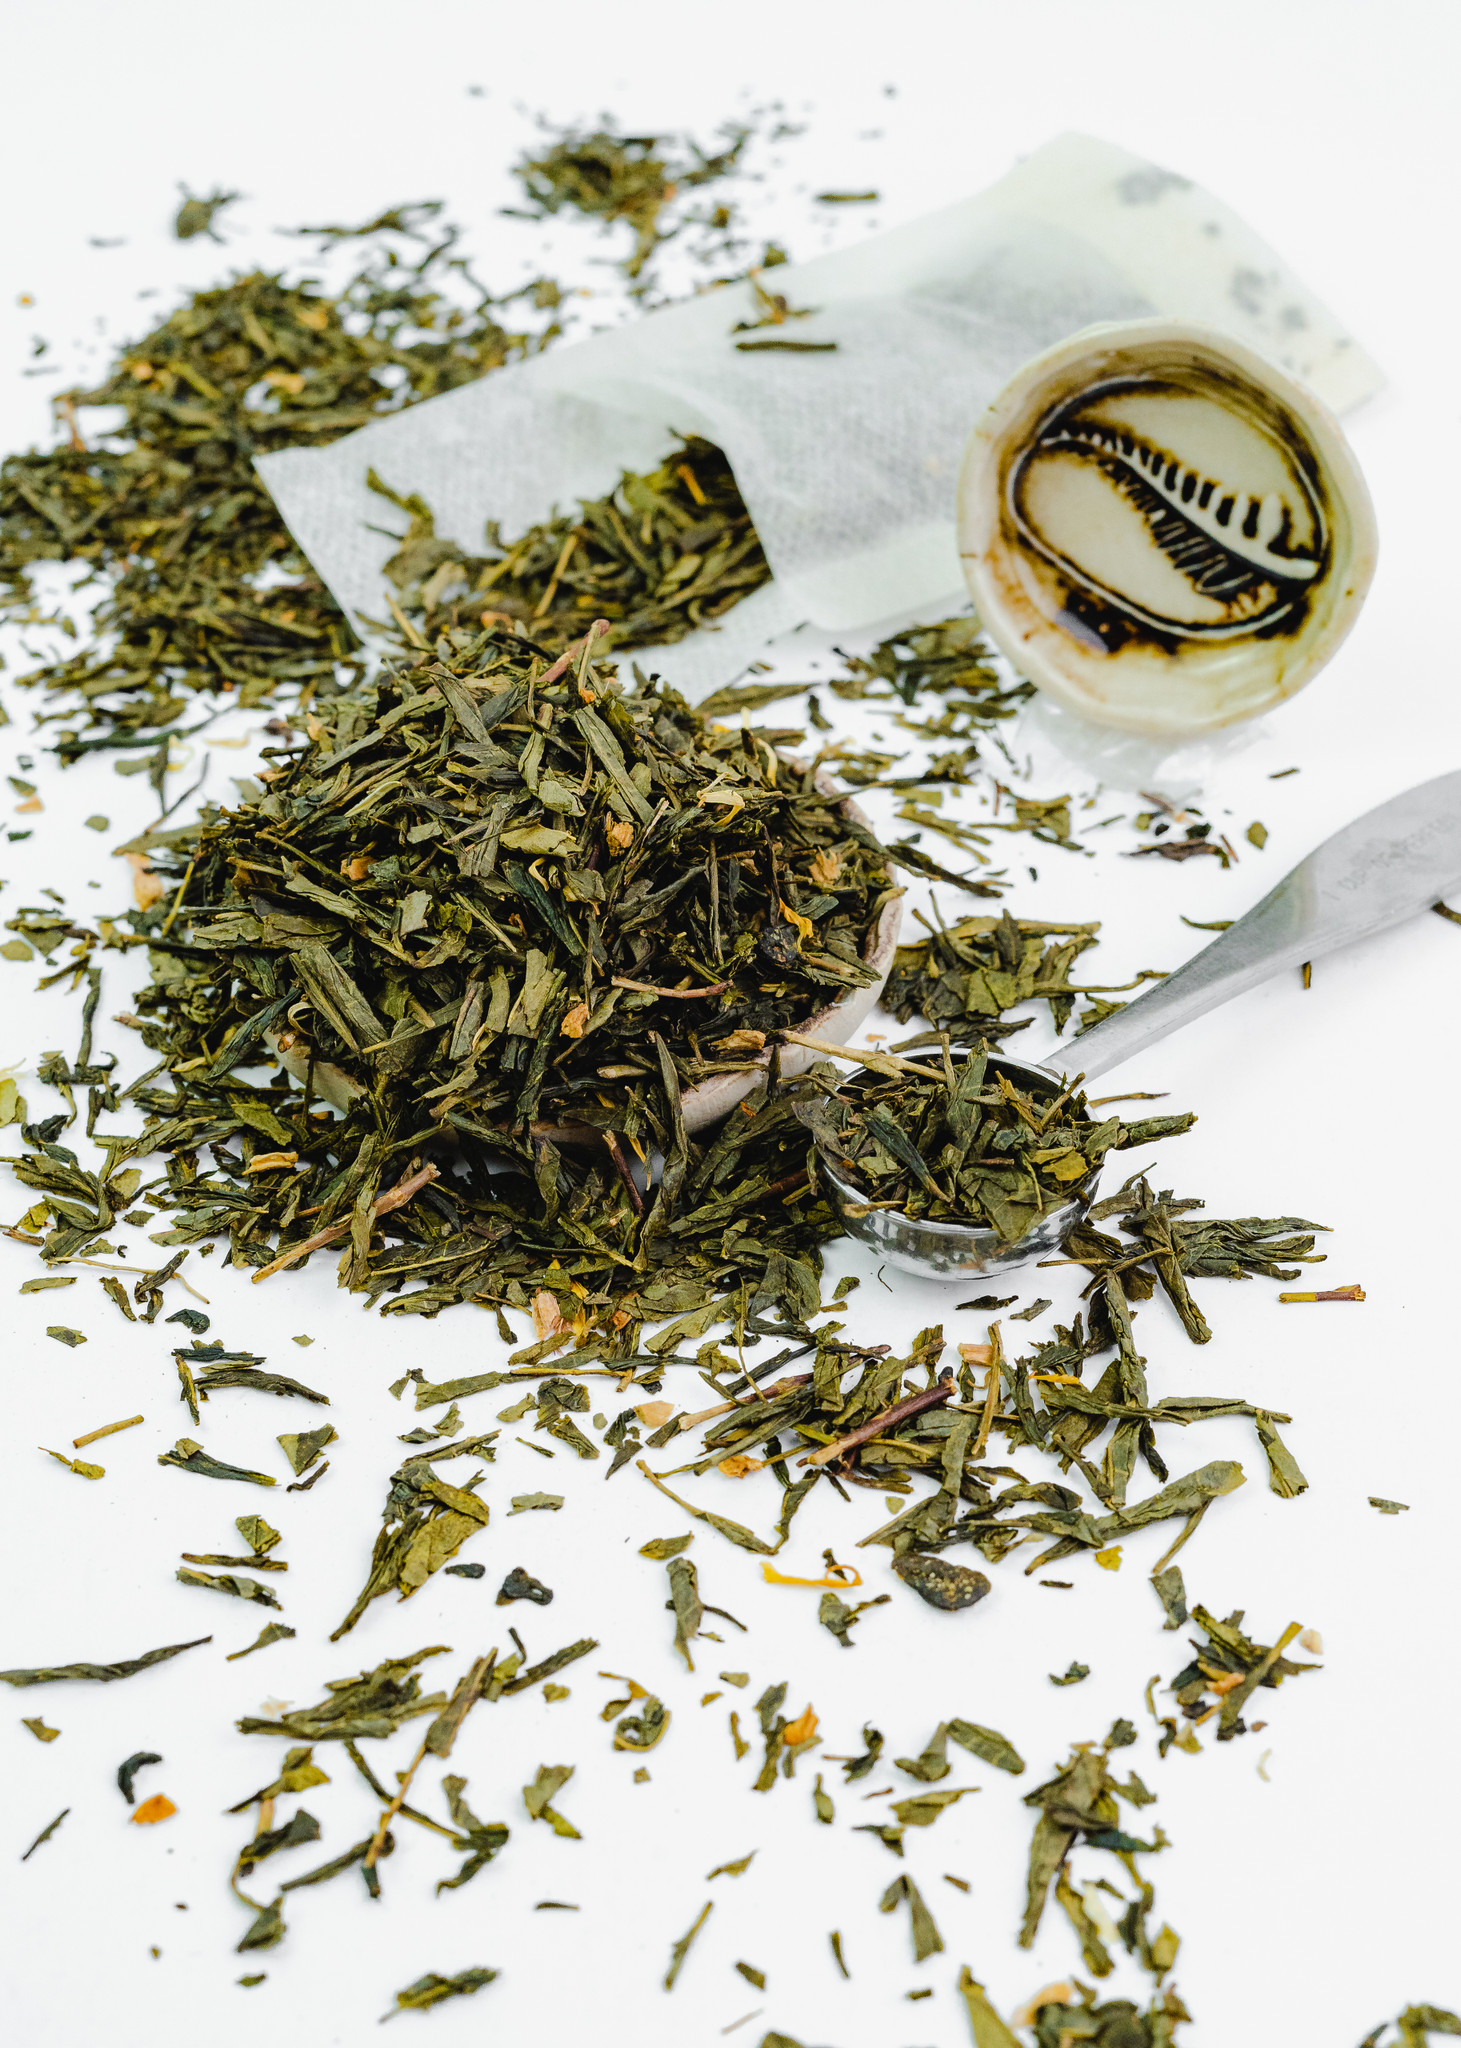 Green Eyed Lady Tea 3.5 oz